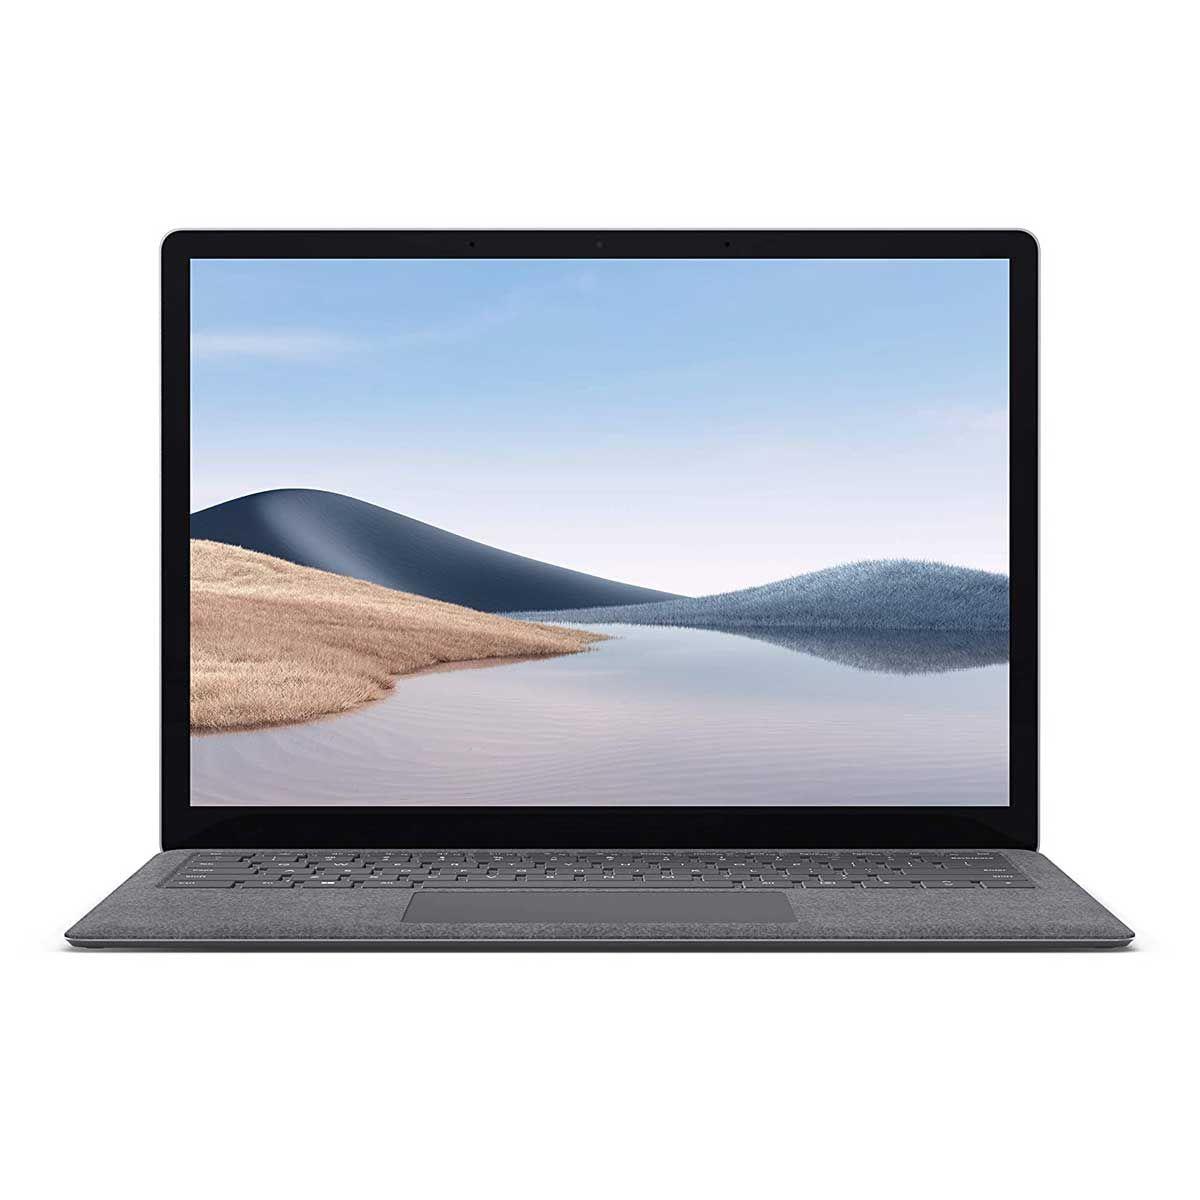 مائیکروسافٹ Surface لیپ ٹاپ 4 Ryzen 5 4680U (2021)